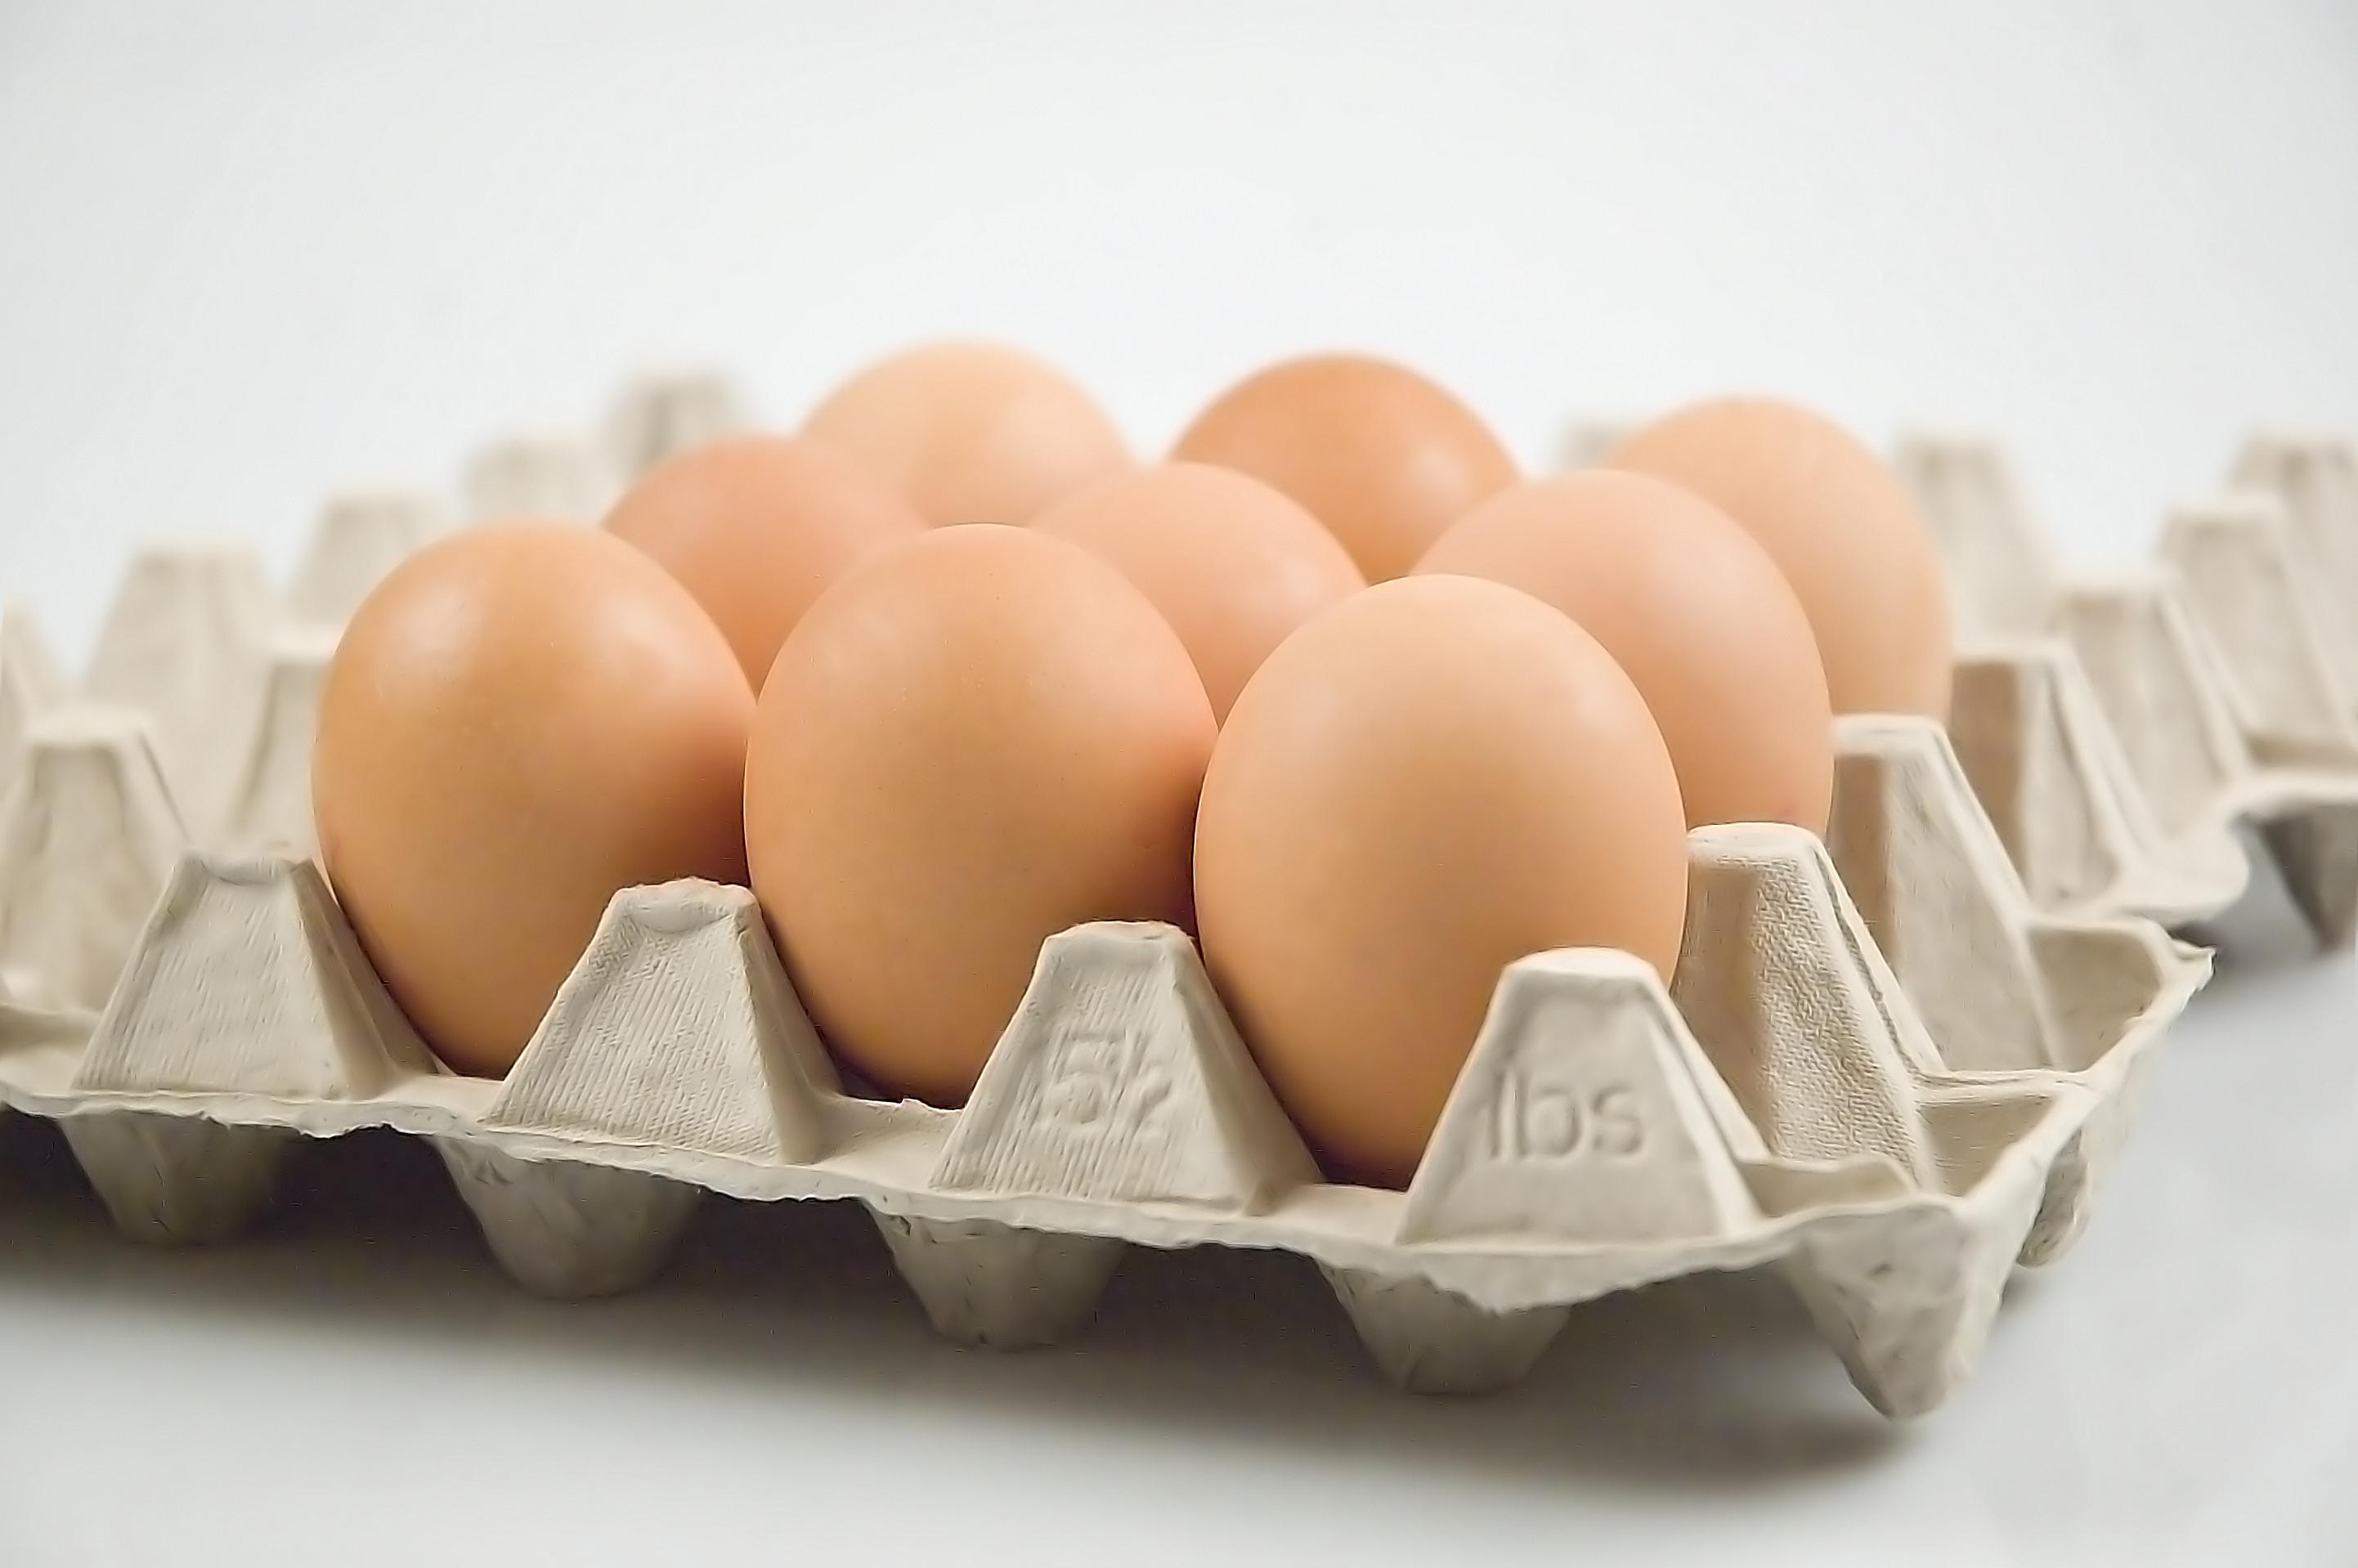 Egg Allergy Information